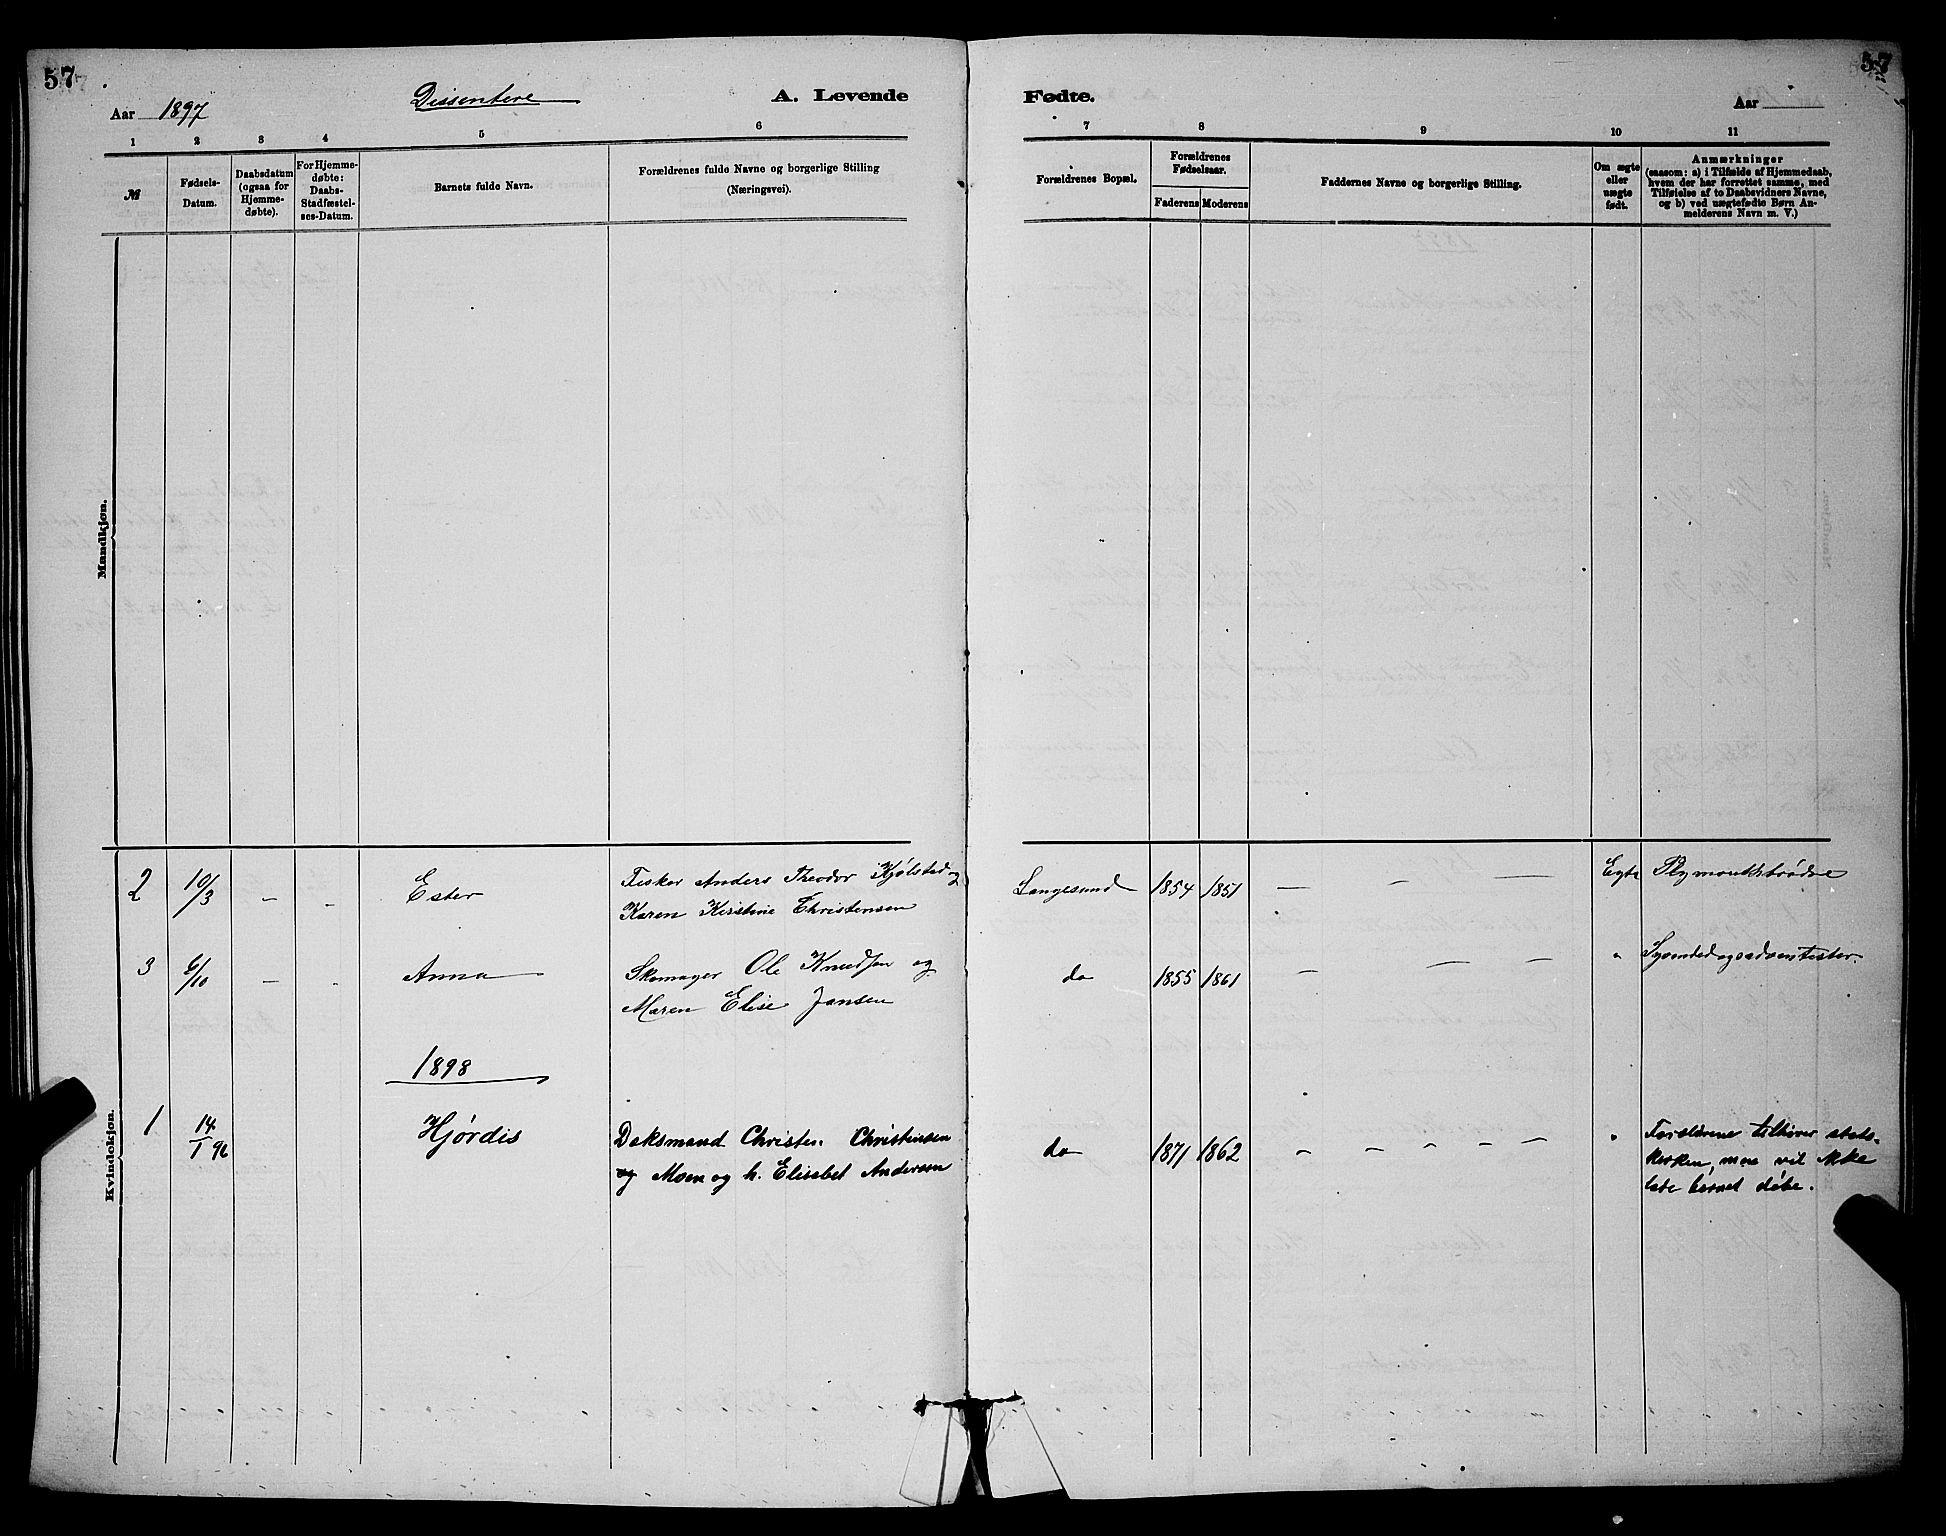 SAKO, Langesund kirkebøker, G/Ga/L0005: Klokkerbok nr. 5, 1884-1898, s. 57